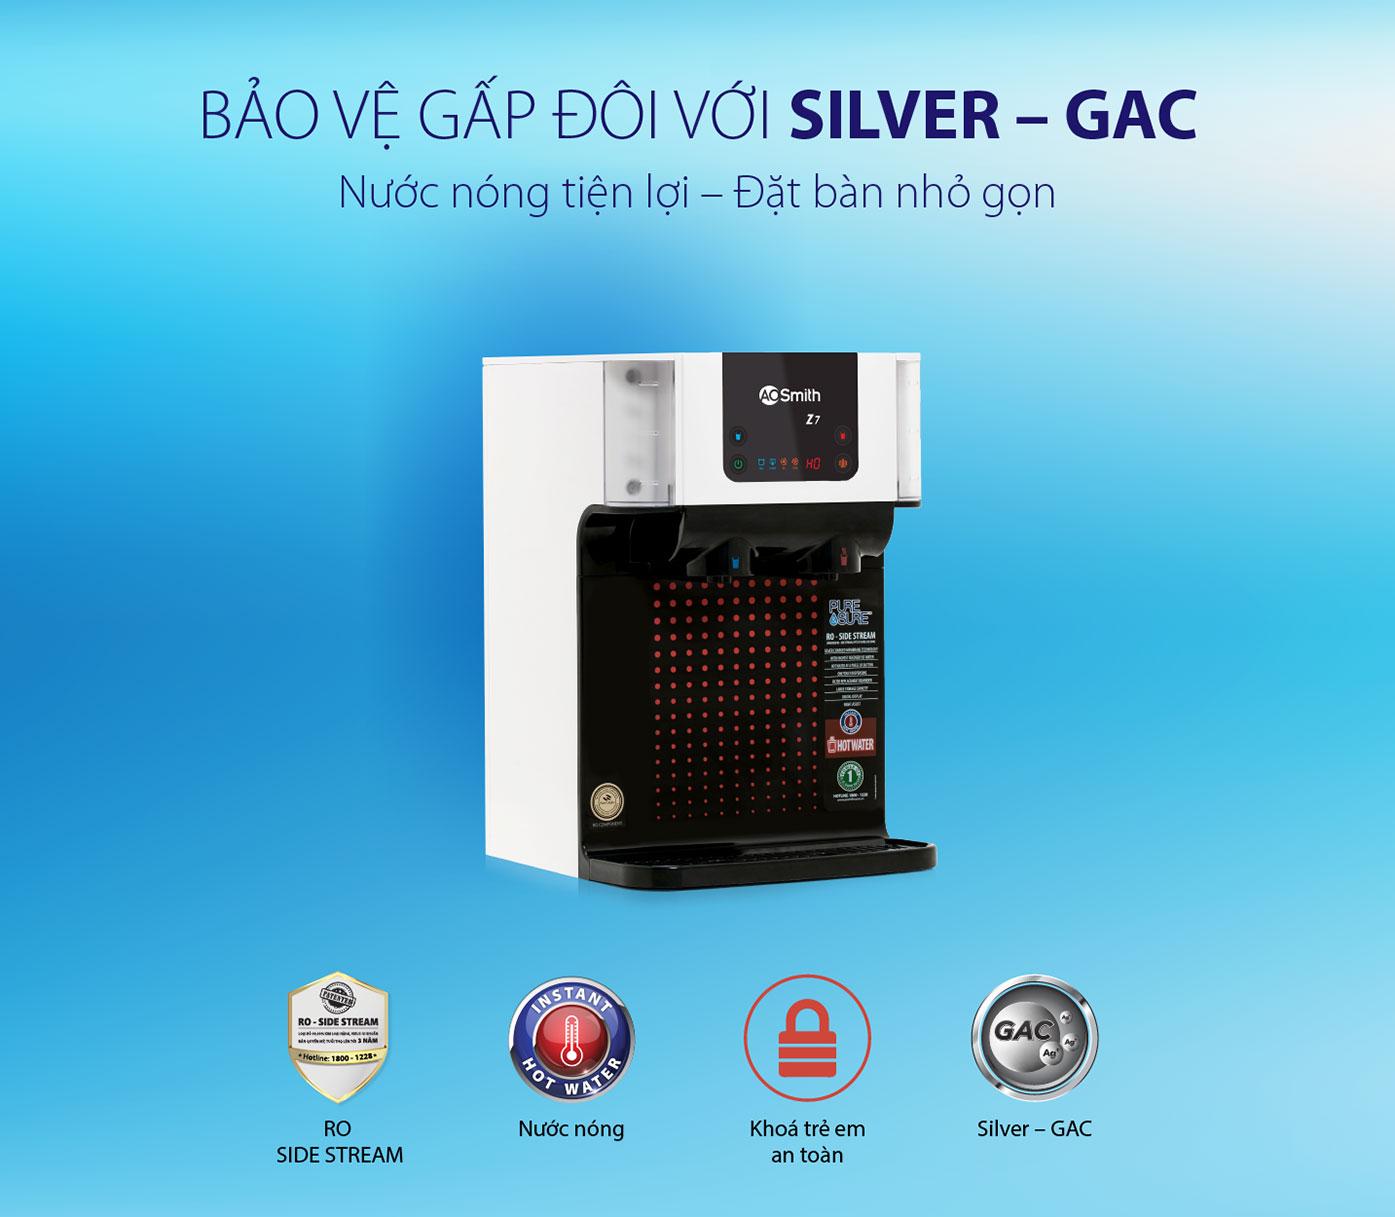 Máy lọc nước Ao Smith Z7 được bảo vệ gấp đôi với lõi Silver - GAC